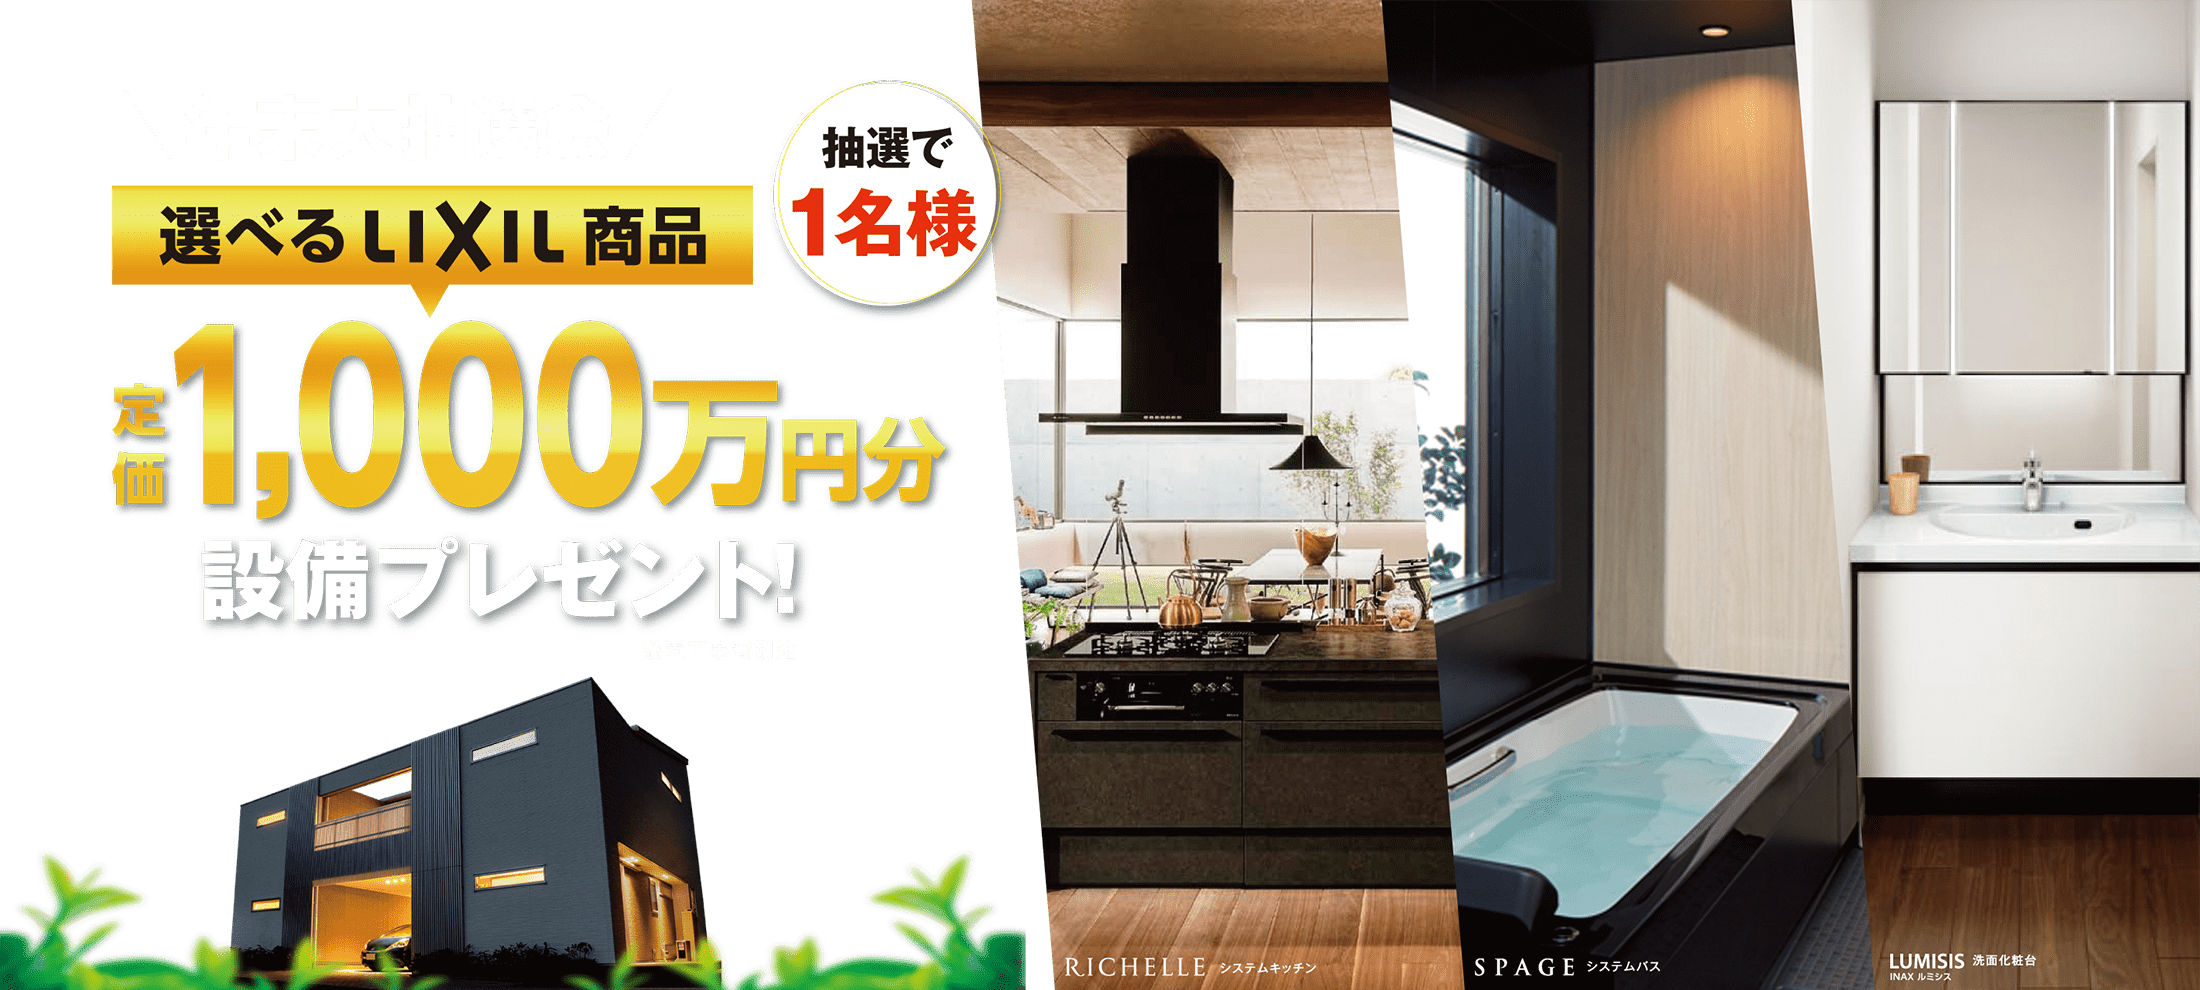 年末大抽選会 - 1000万円分プレゼント!